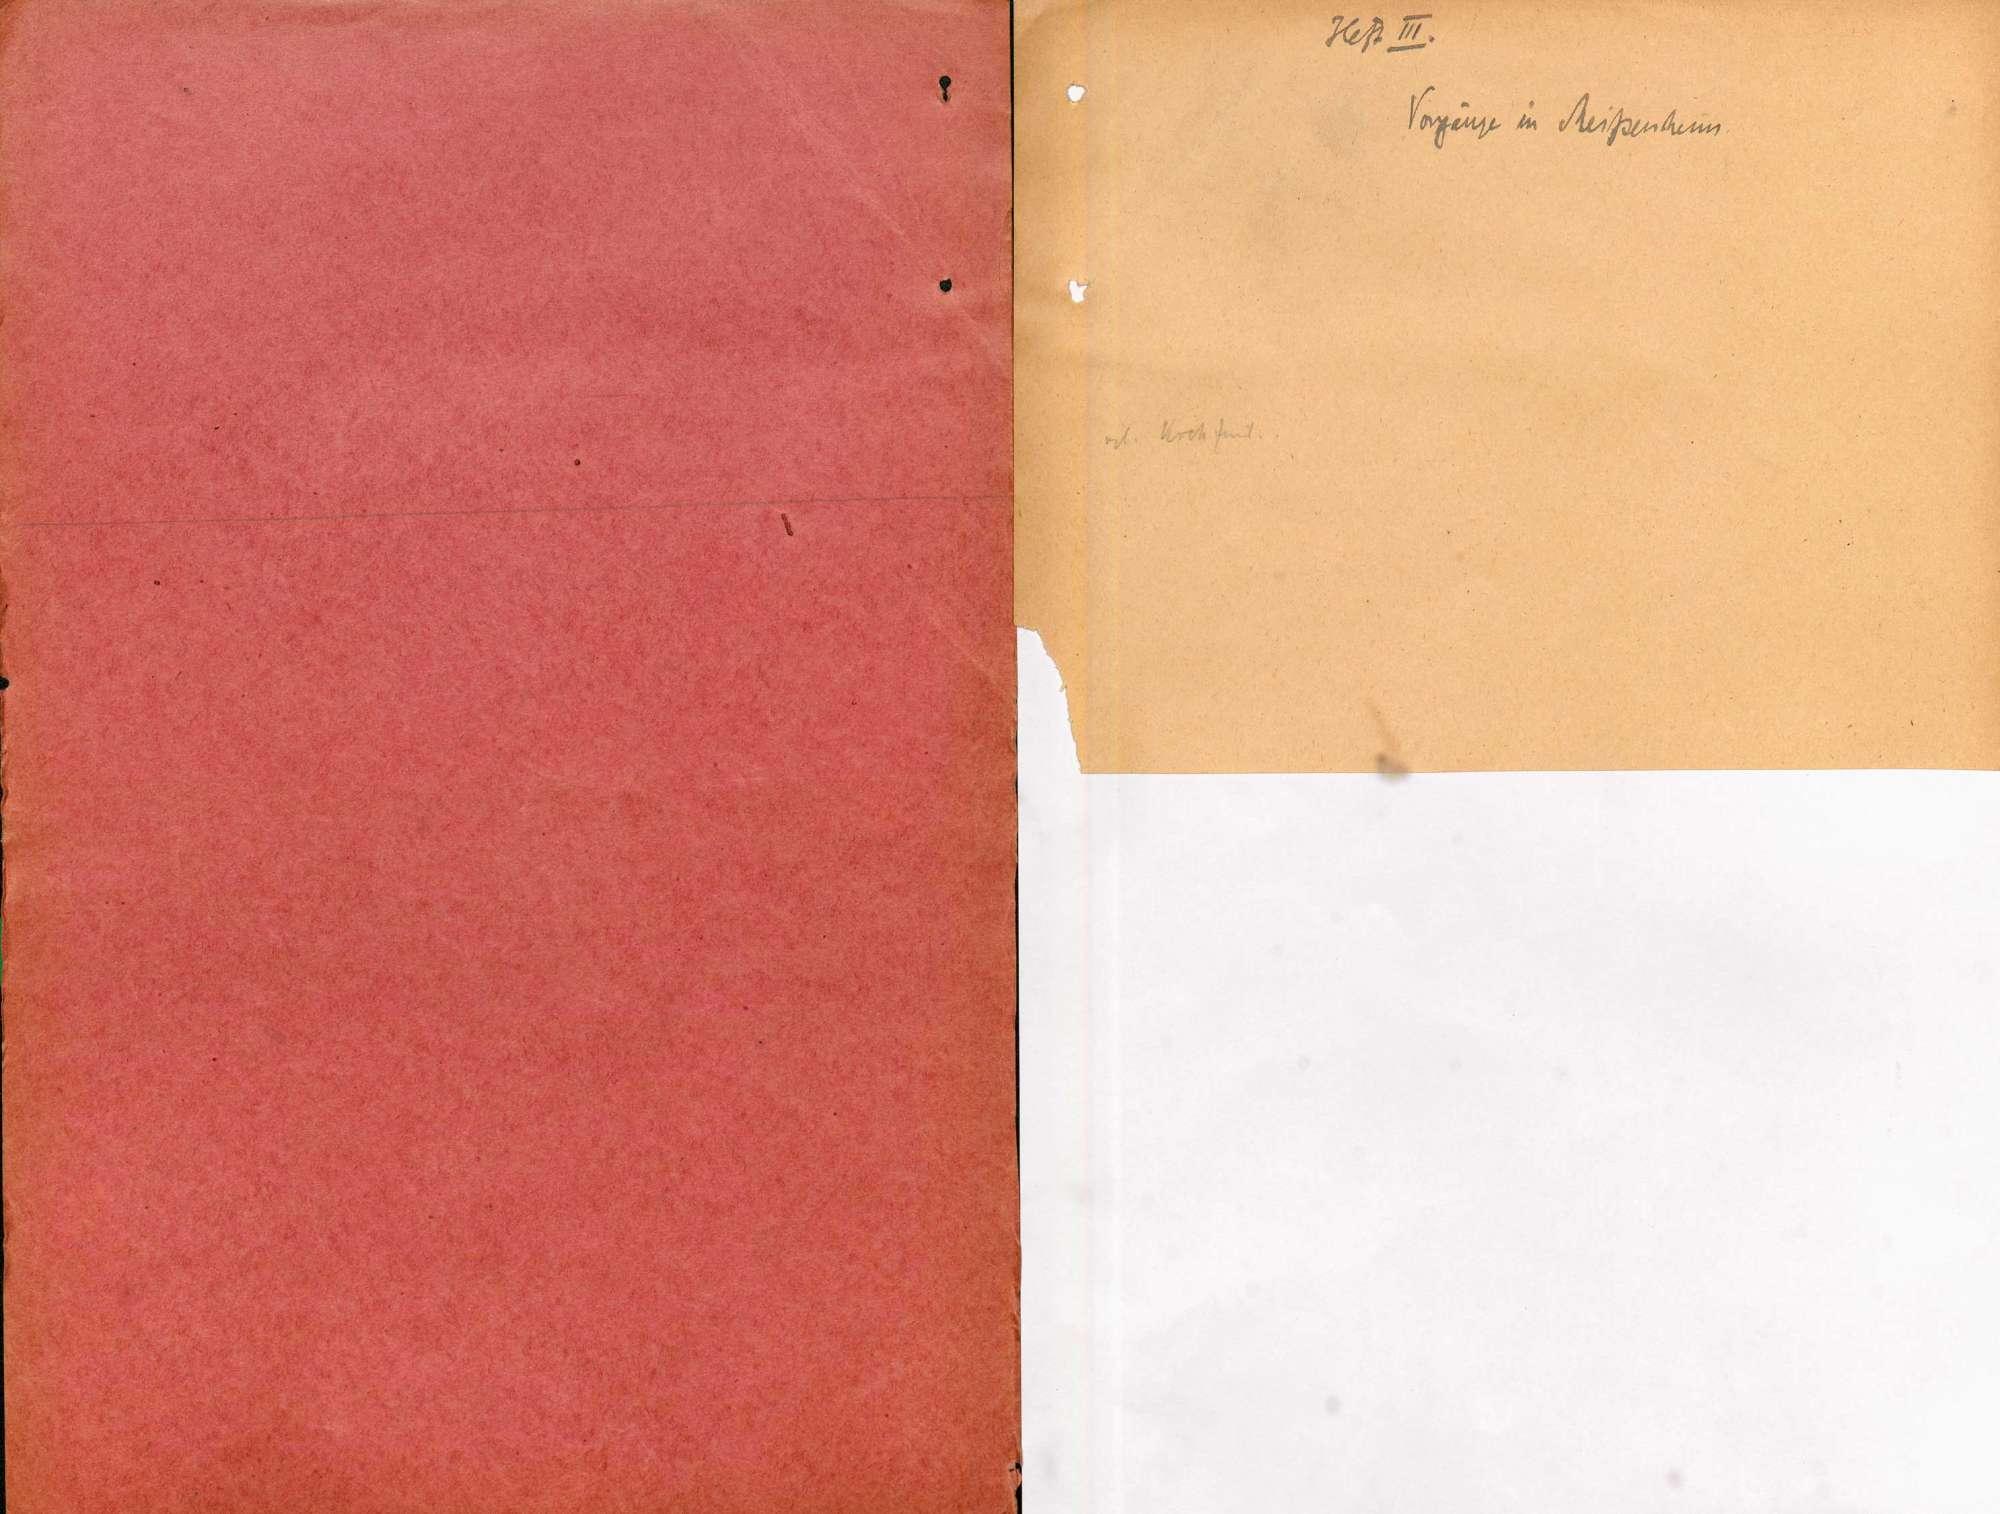 Strafsache gegen Wilhelm Gern, Lahr, und weitere 10 Angeklagte wegen Aufruhr, Teilnahme an bewaffneten Haufen, unerlaubter Waffenbesitz, Widerstand (Lahrer Unruhen, Oktober 1923), Bild 2